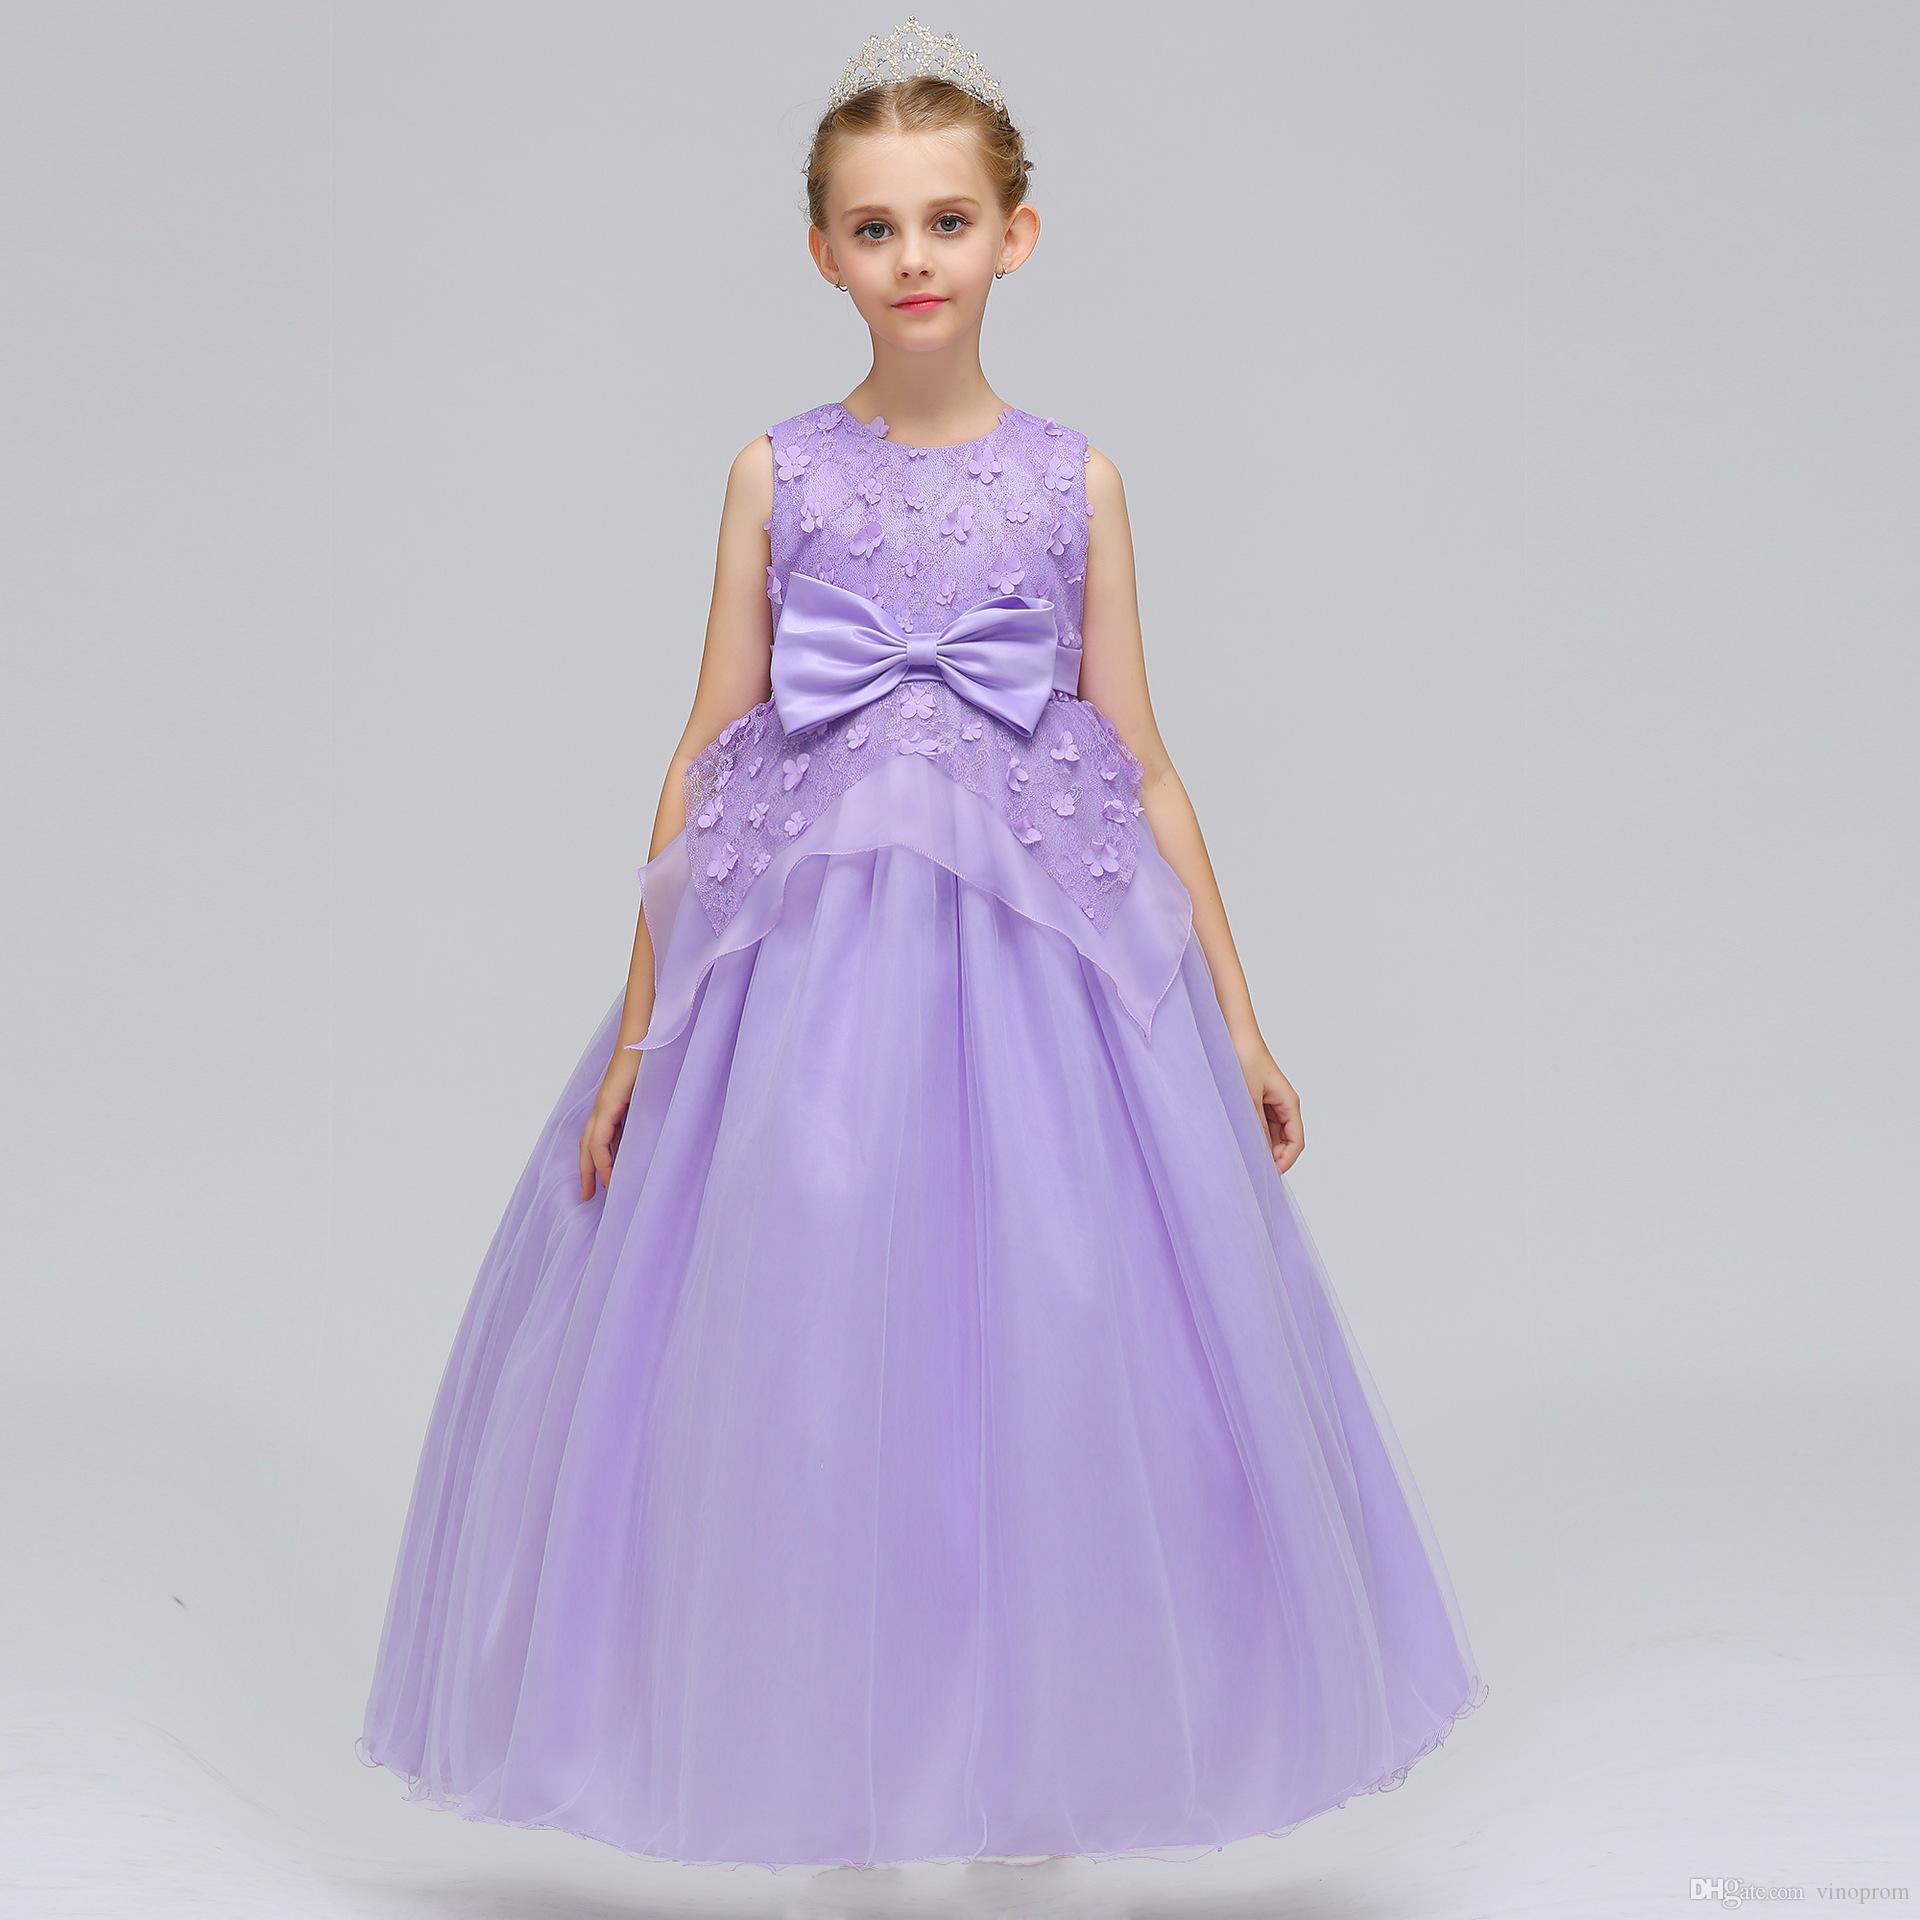 2019 Arabo Blush Pink Flower Girls Abiti Per Matrimoni Maniche Lunghe In Pizzo Appliques Ball Gown Compleanno Ragazza Comunione Abito Da Spettacolo